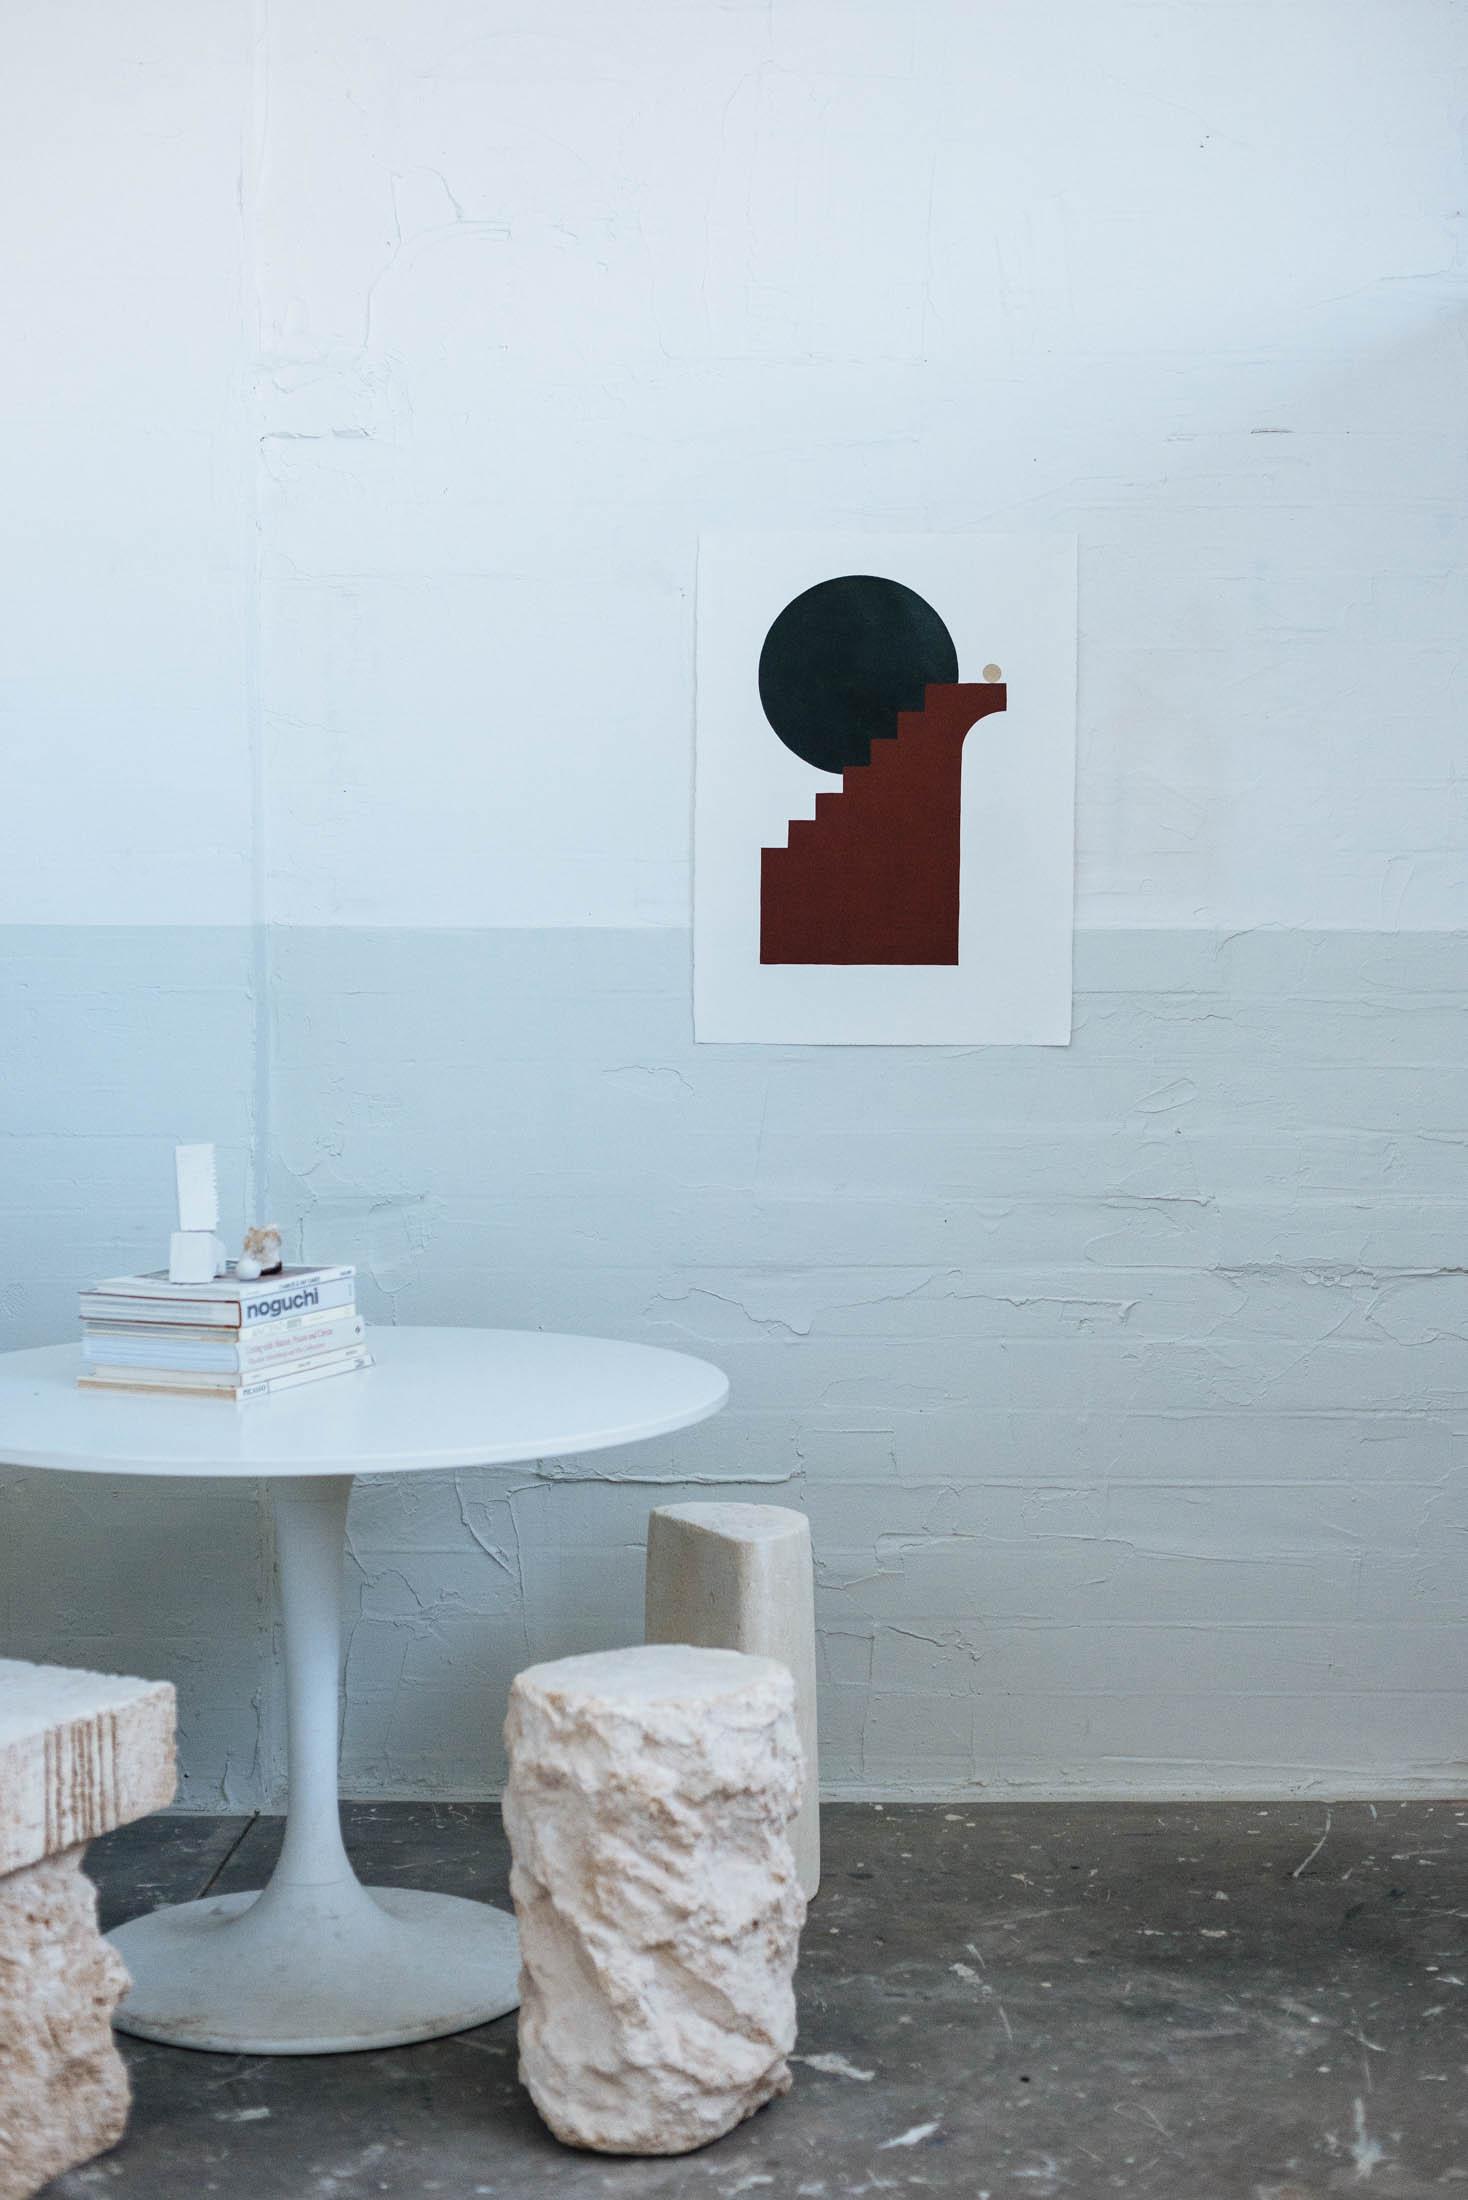 'Desert Moon' by Bobby Clark